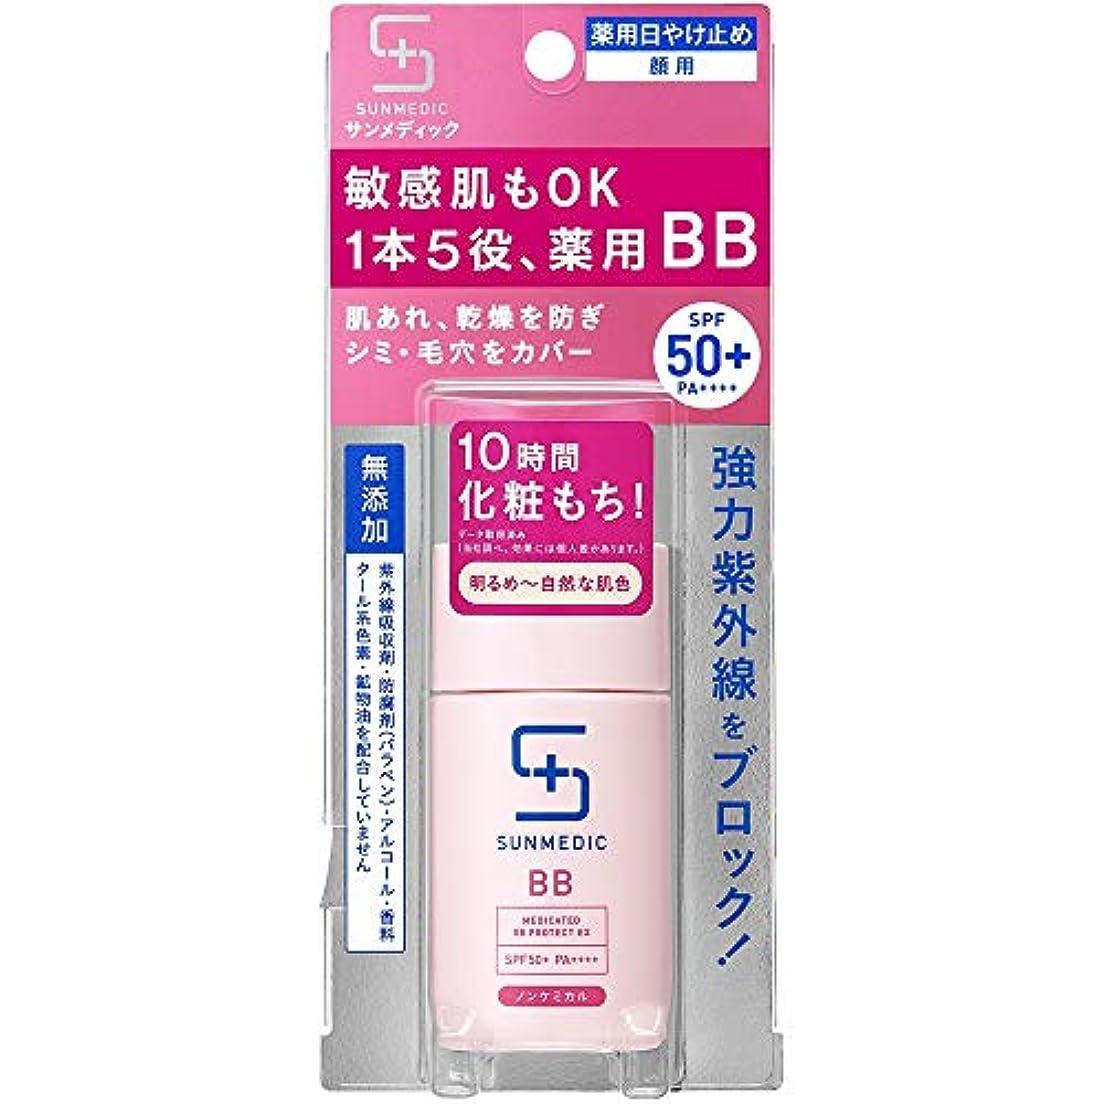 巨大ローズ一部サンメディックUV 薬用BBプロテクトEX ライト 30ml (医薬部外品)